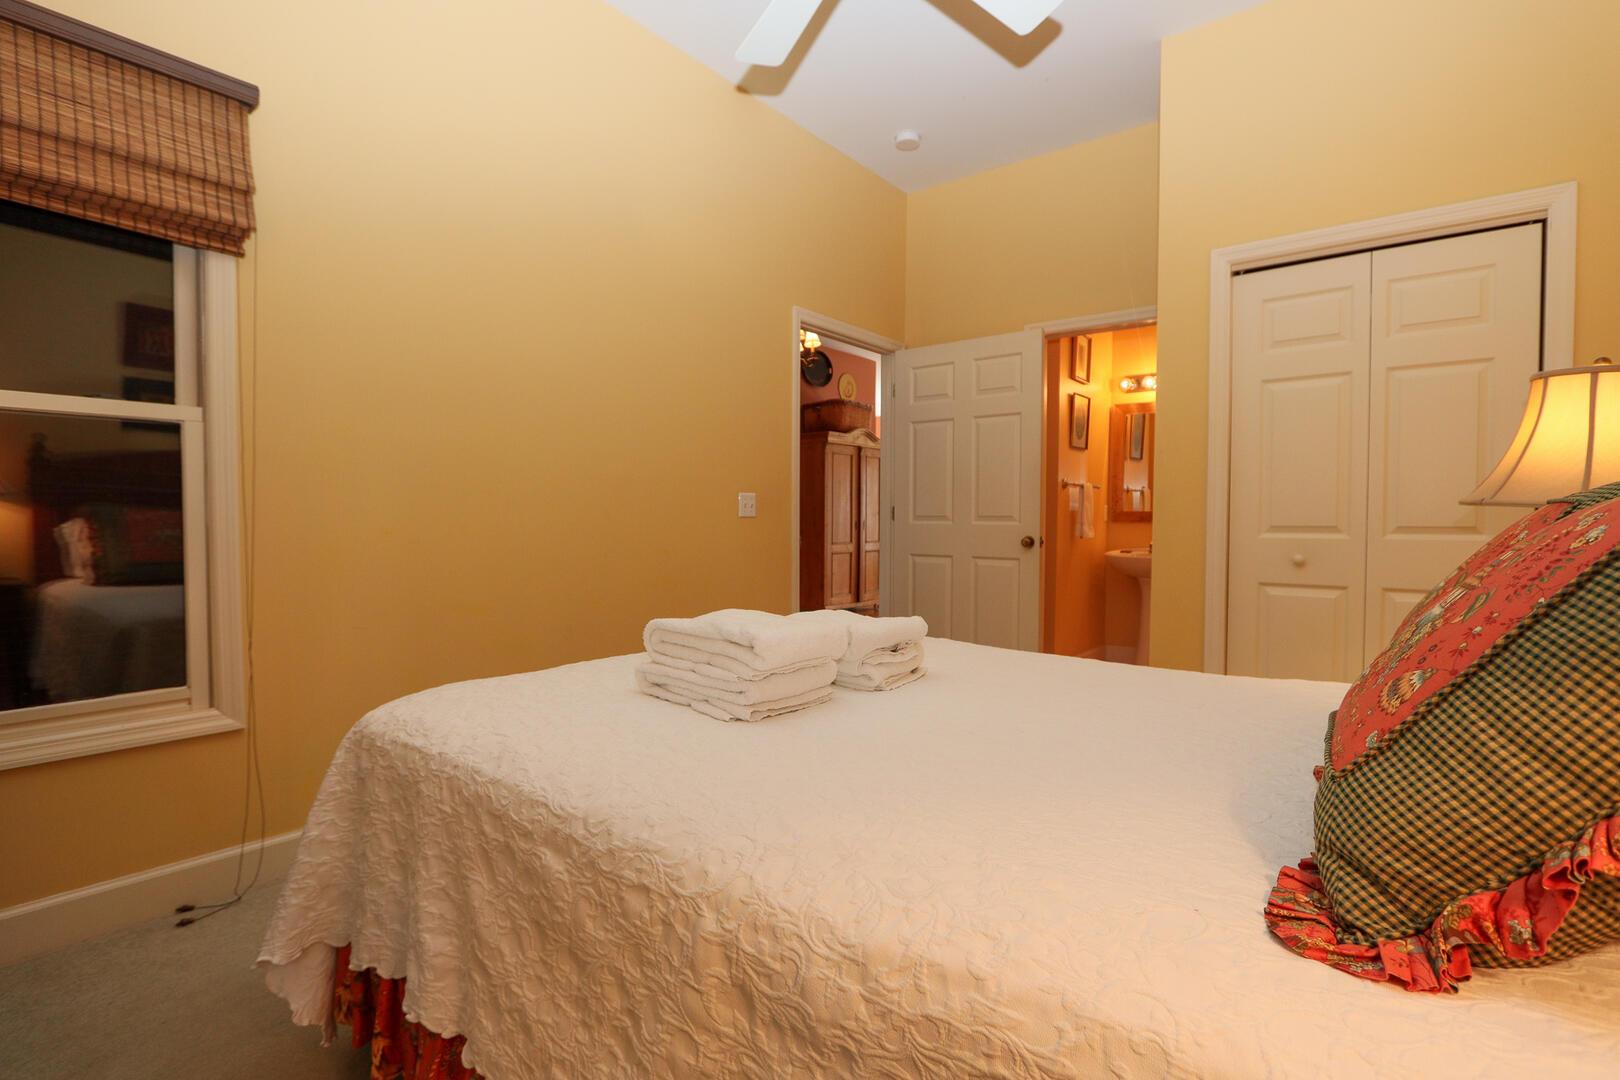 Bedroom off entry hallway with en suite bath